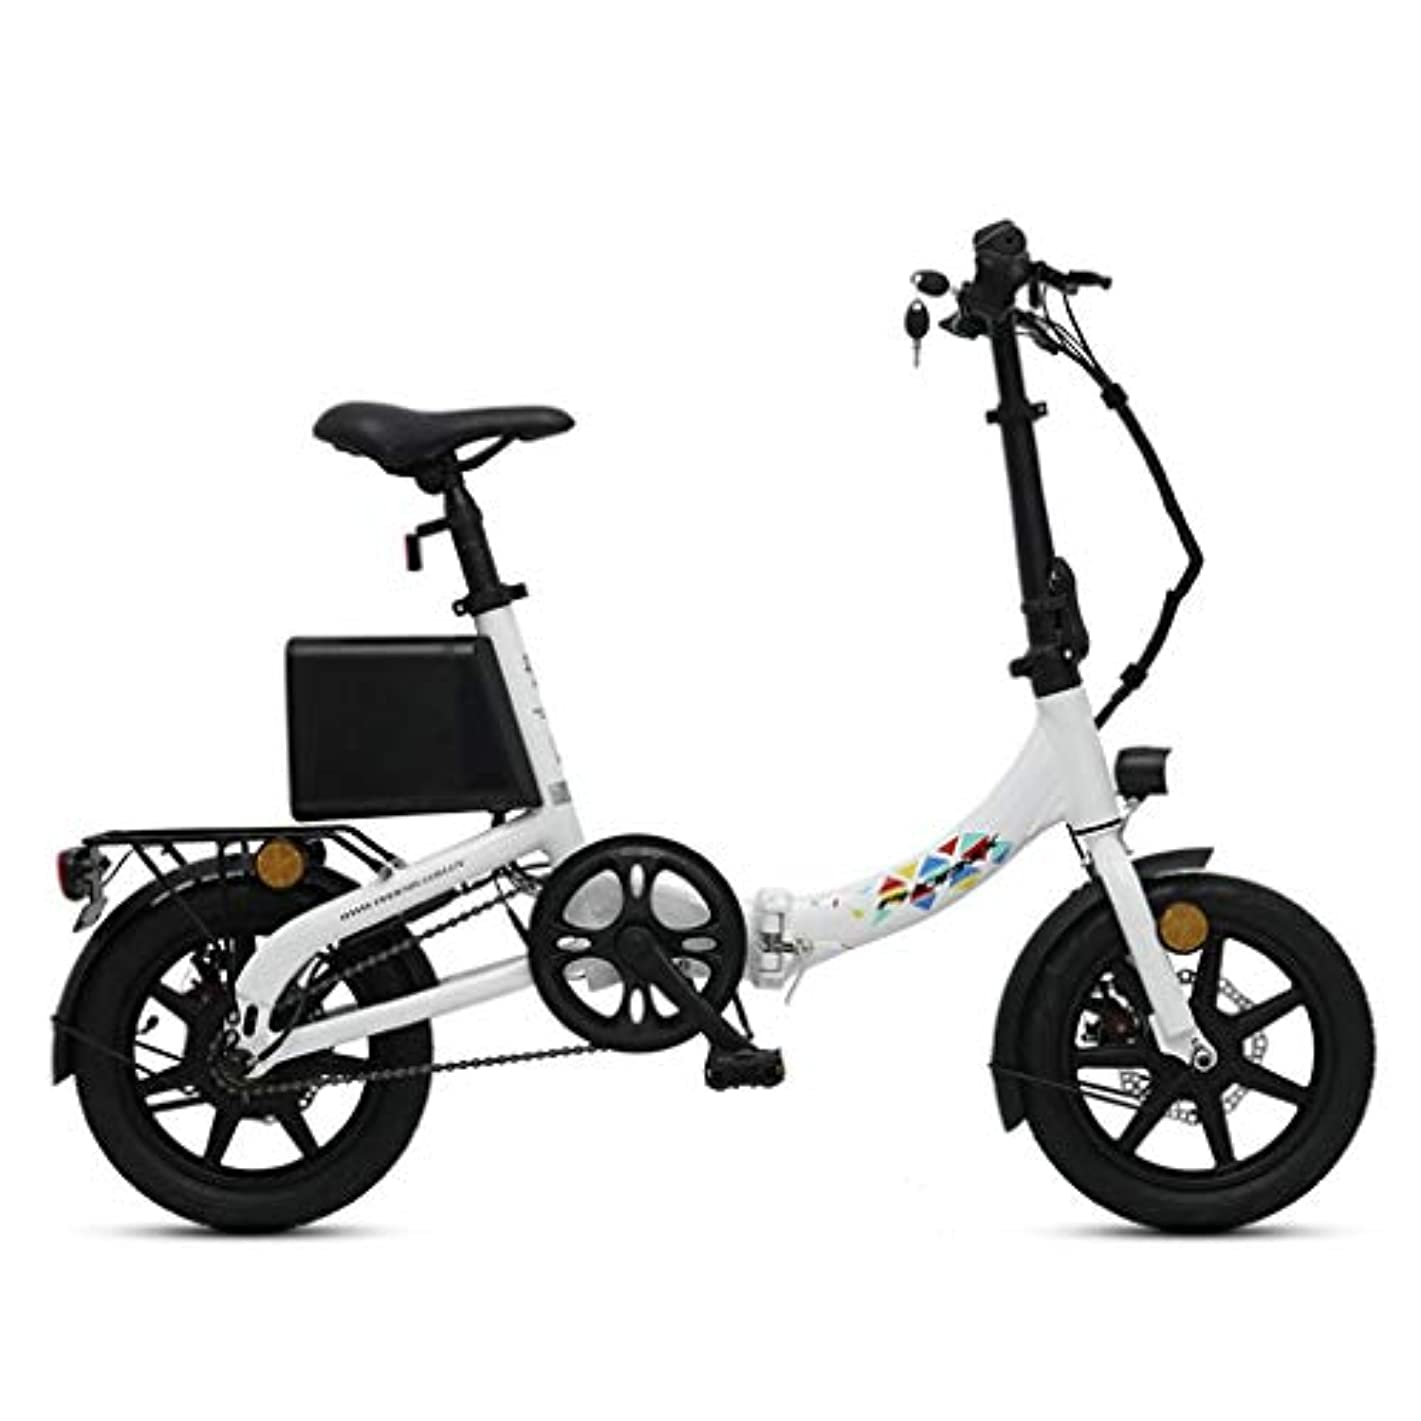 恐ろしい名詞骨の折れる折りたたみ電動自転車14インチスマートアルミ合金電池車小さなリチウム電池自転車、パワーライフ55-60km (Color : WHITE, Size : 126*55*92CM)